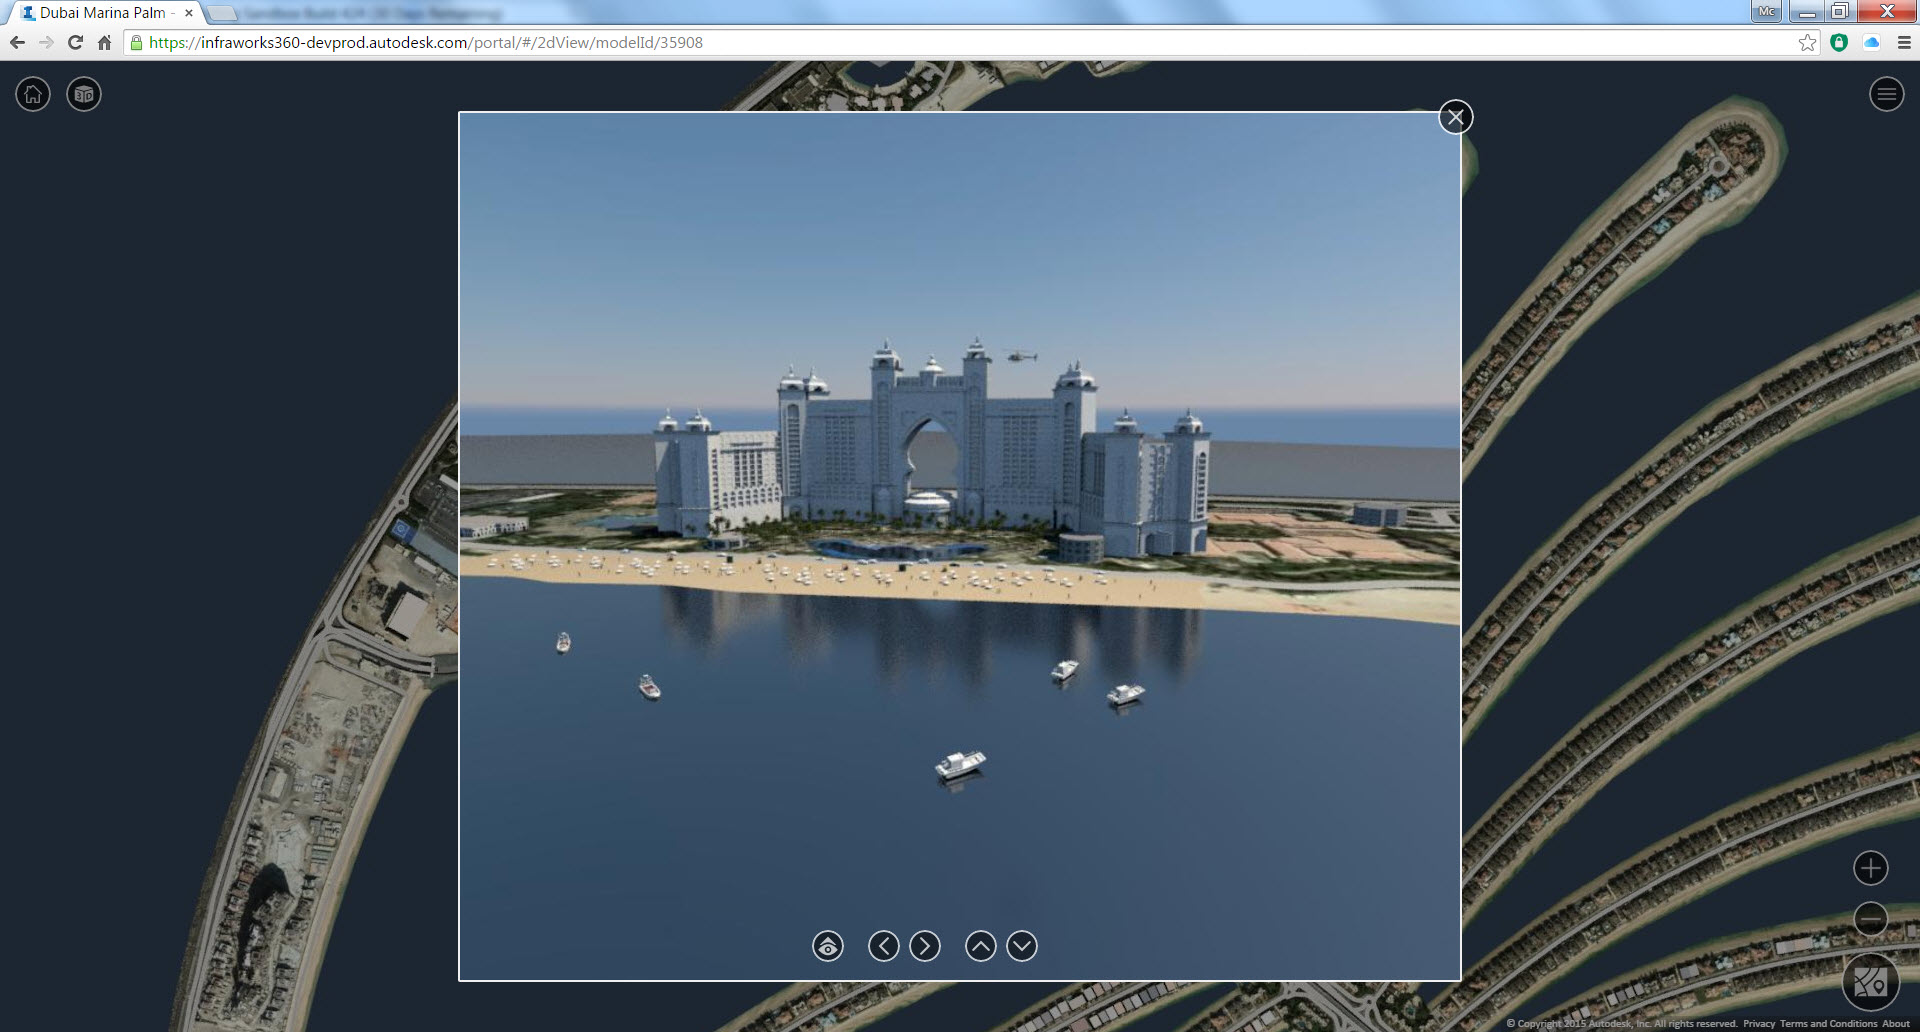 Infraworks-360-web-dubai-2-3500-3500